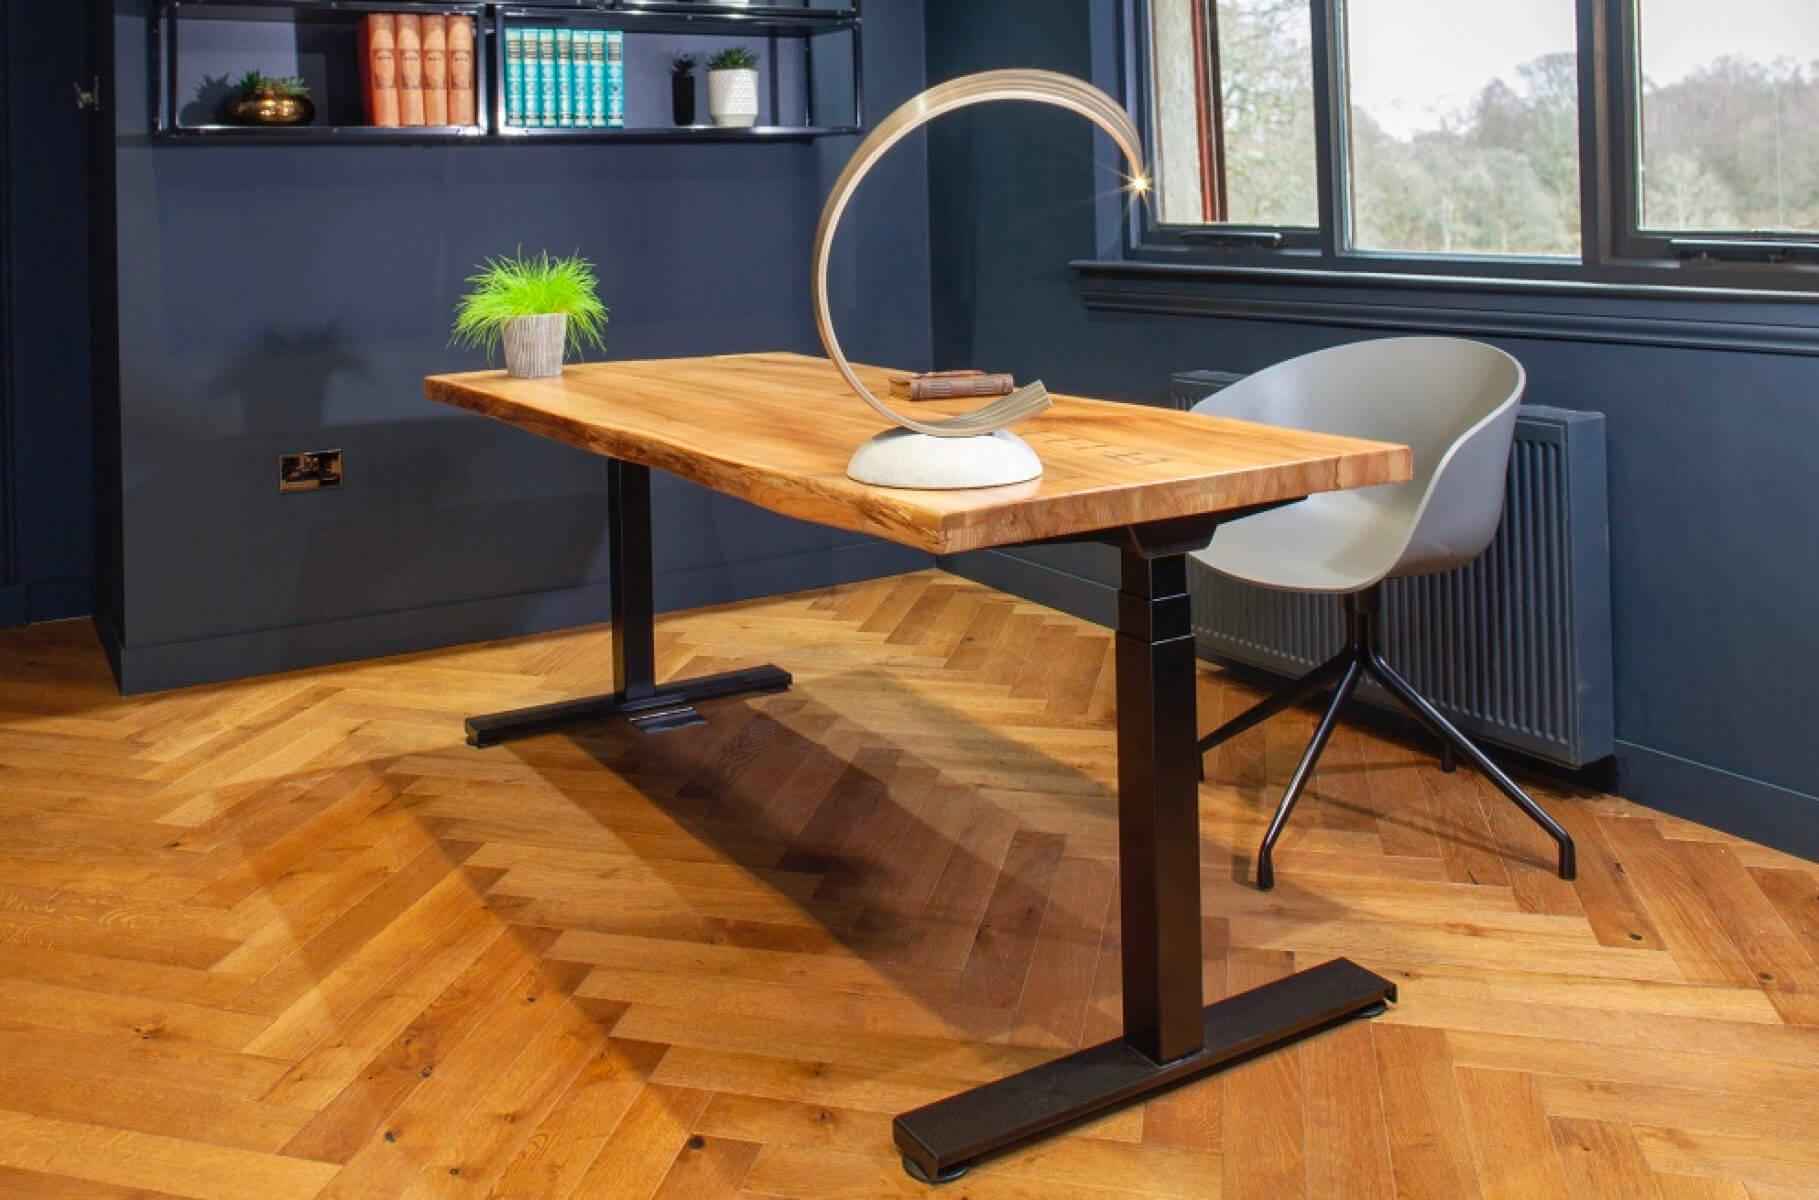 The contemporary standing desk  - Tabula Rasa Design